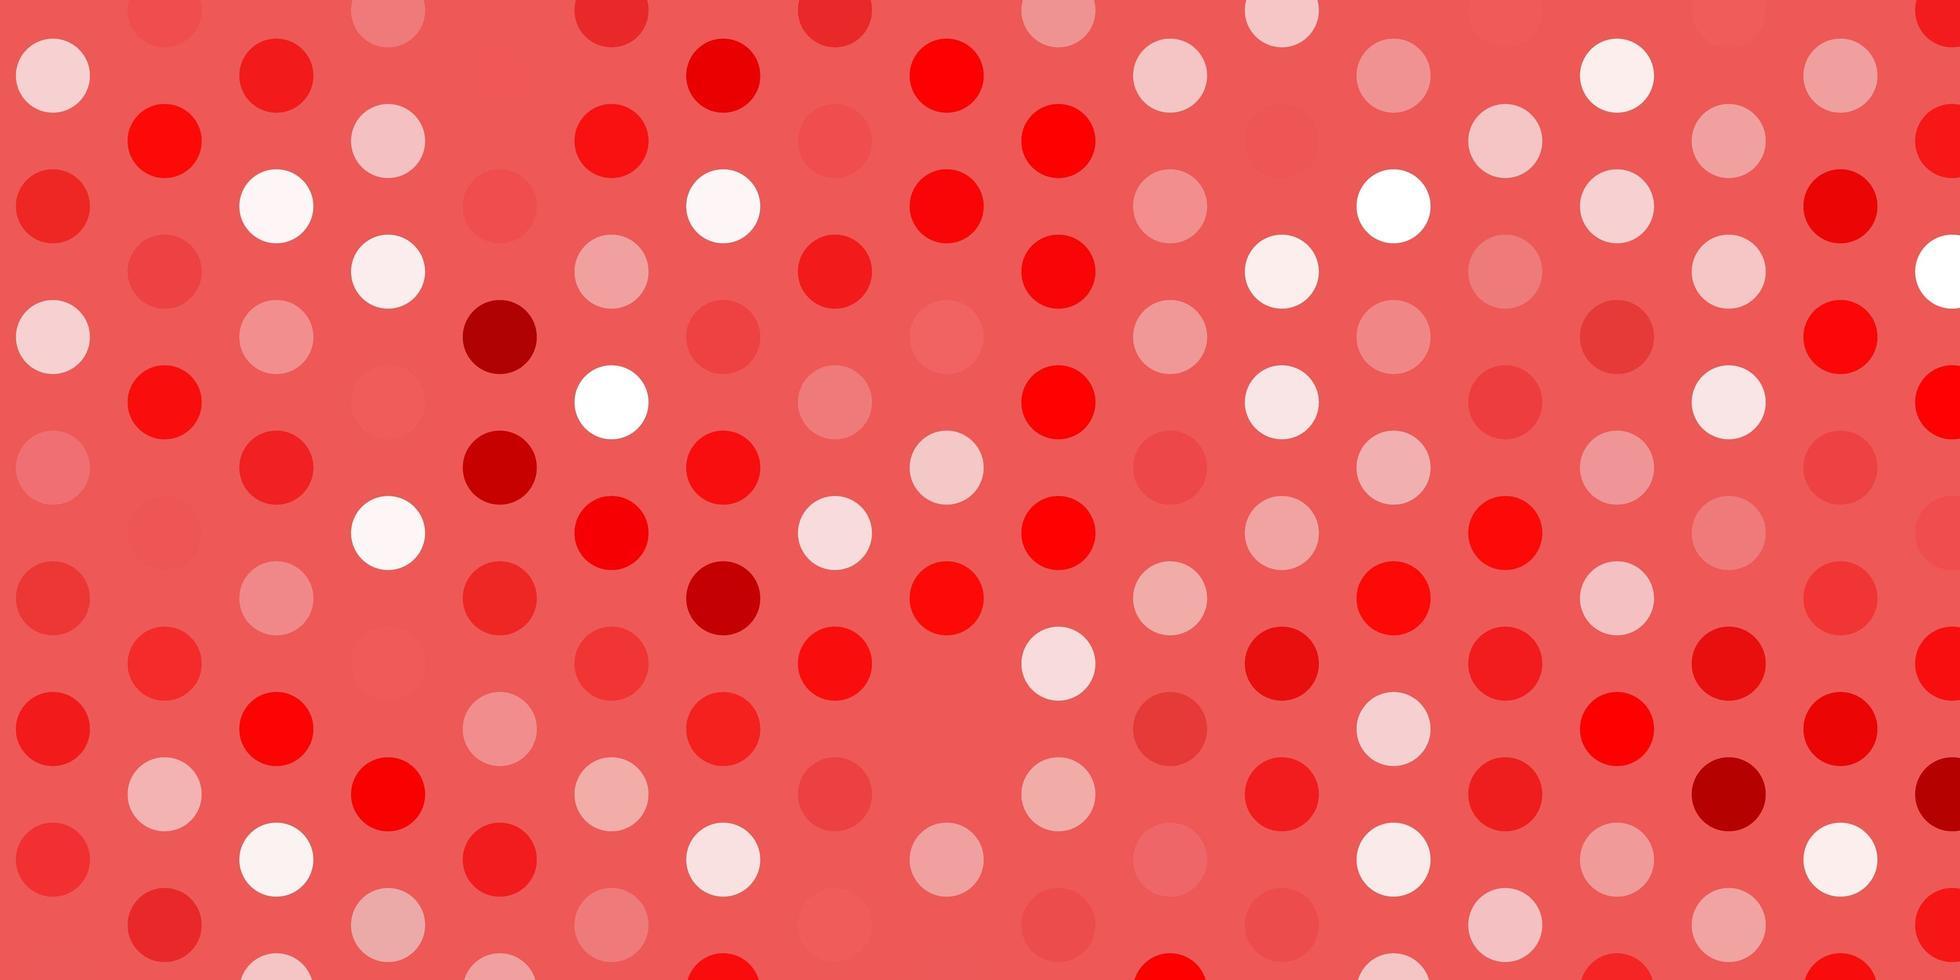 ljusröd vektorbakgrund med bubblor. vektor